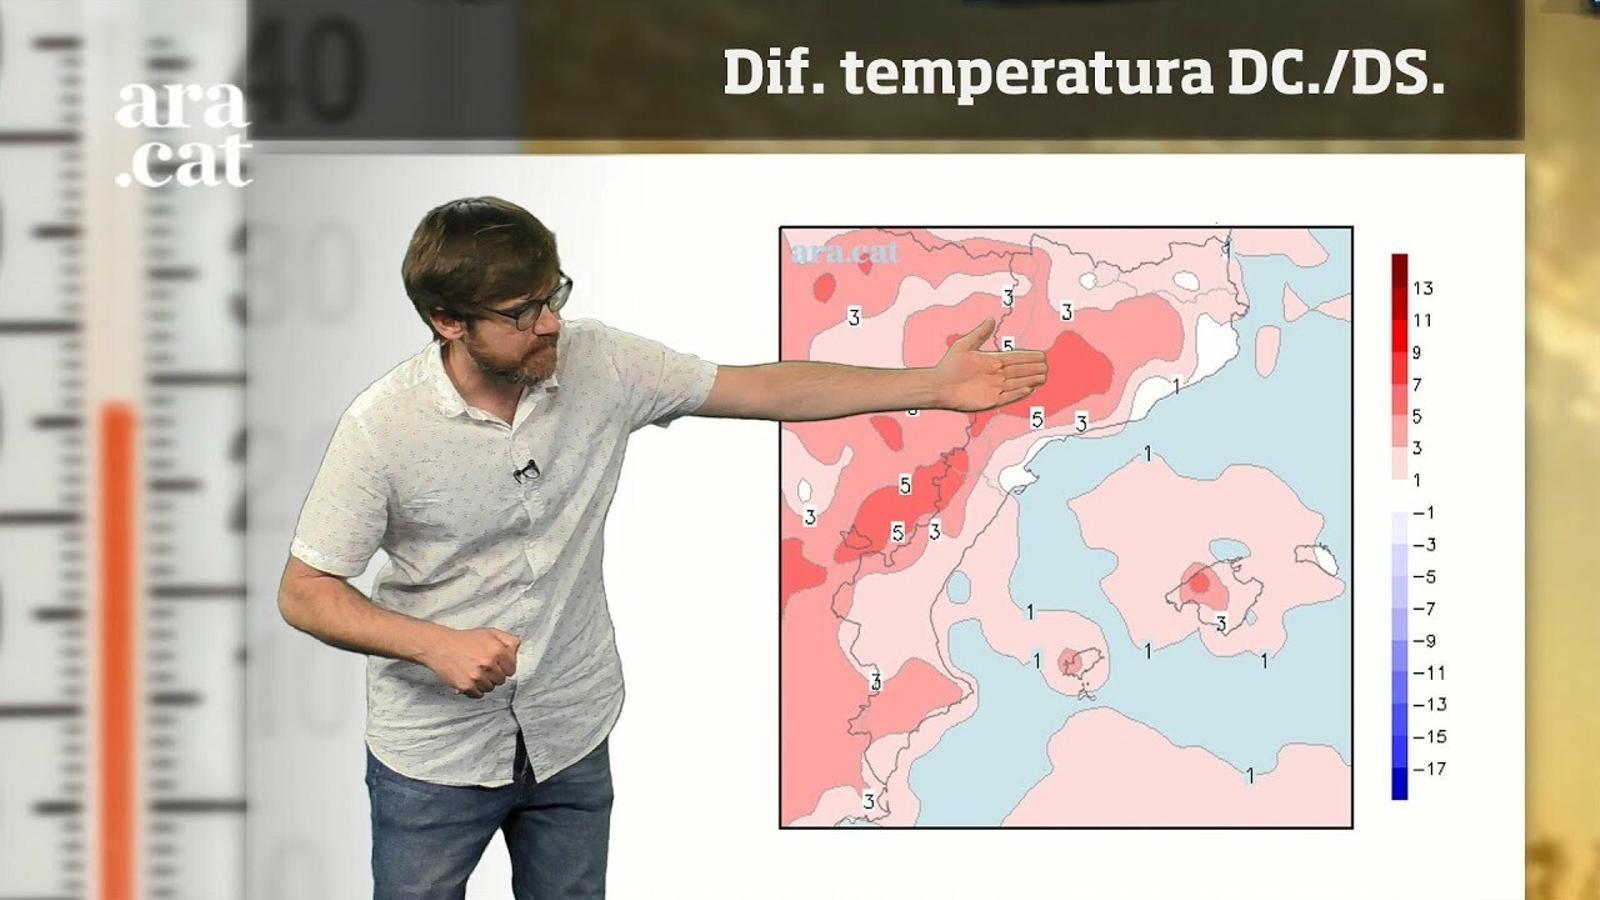 La méteo en 1 minut: la calor marcarà l'inici del cap de setmana, les tempestes el final